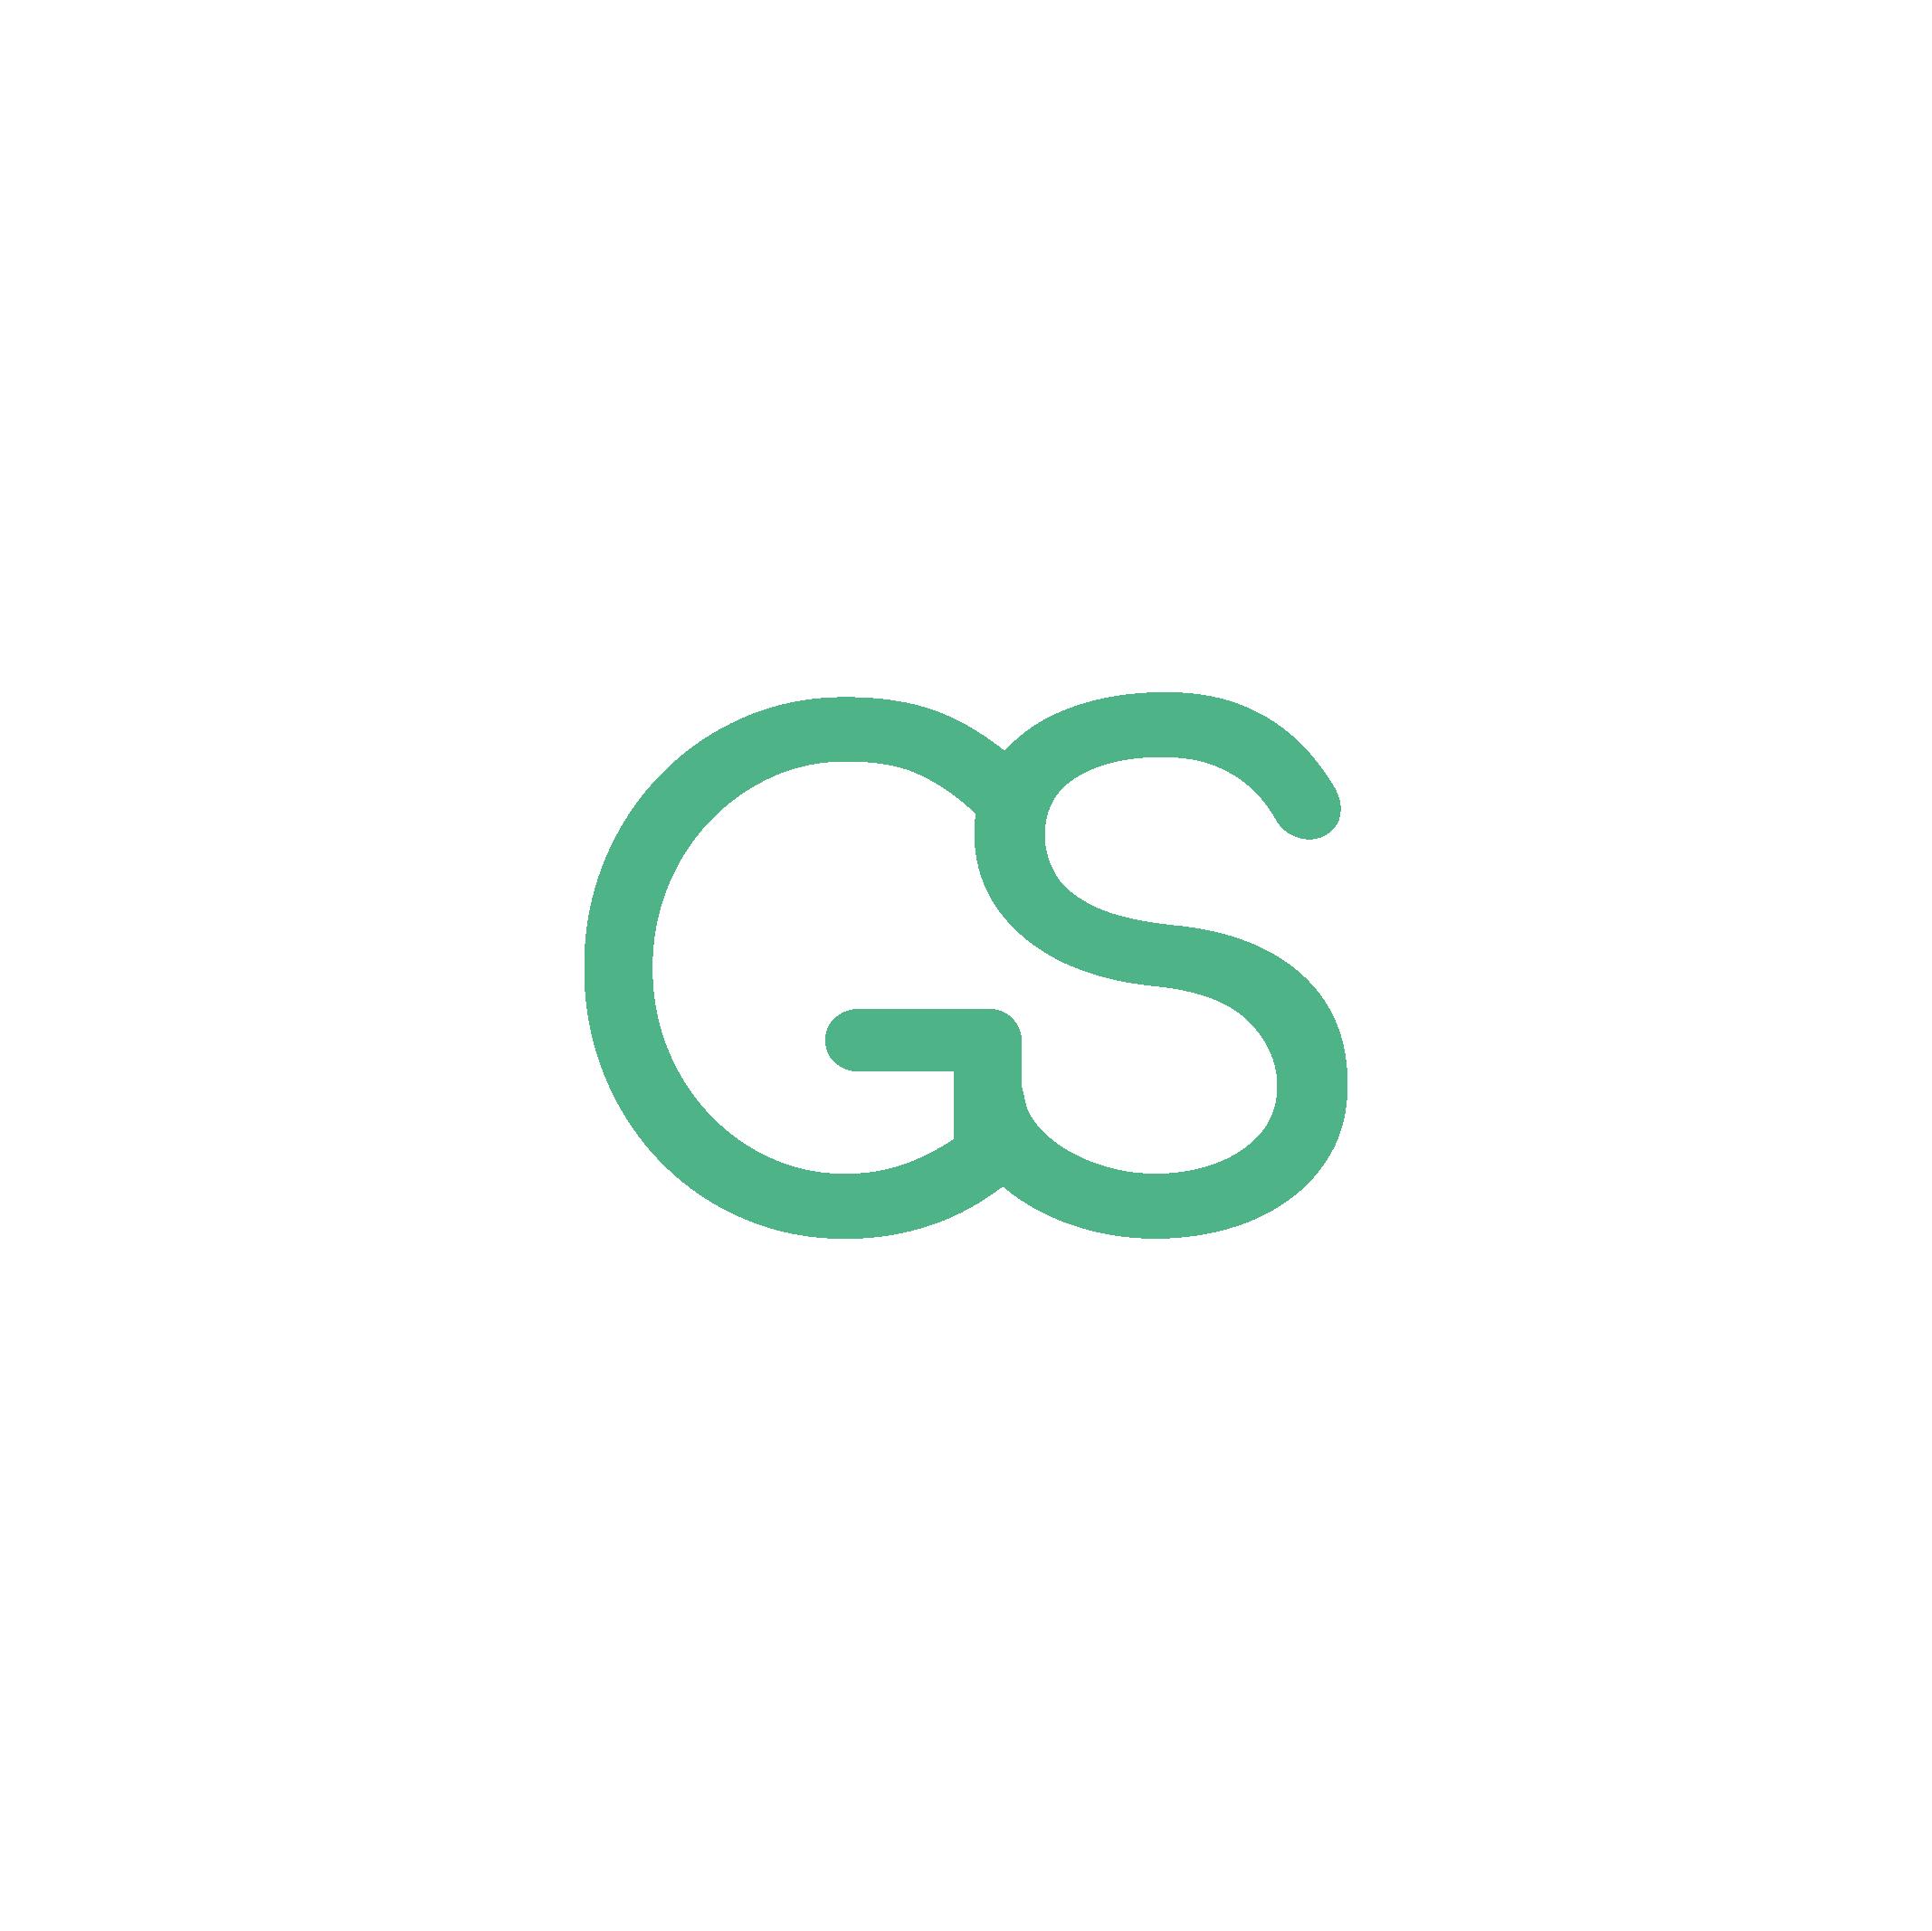 https://www.influxmediahouse.com/wp-content/uploads/2020/01/Logo_GS-colour.png